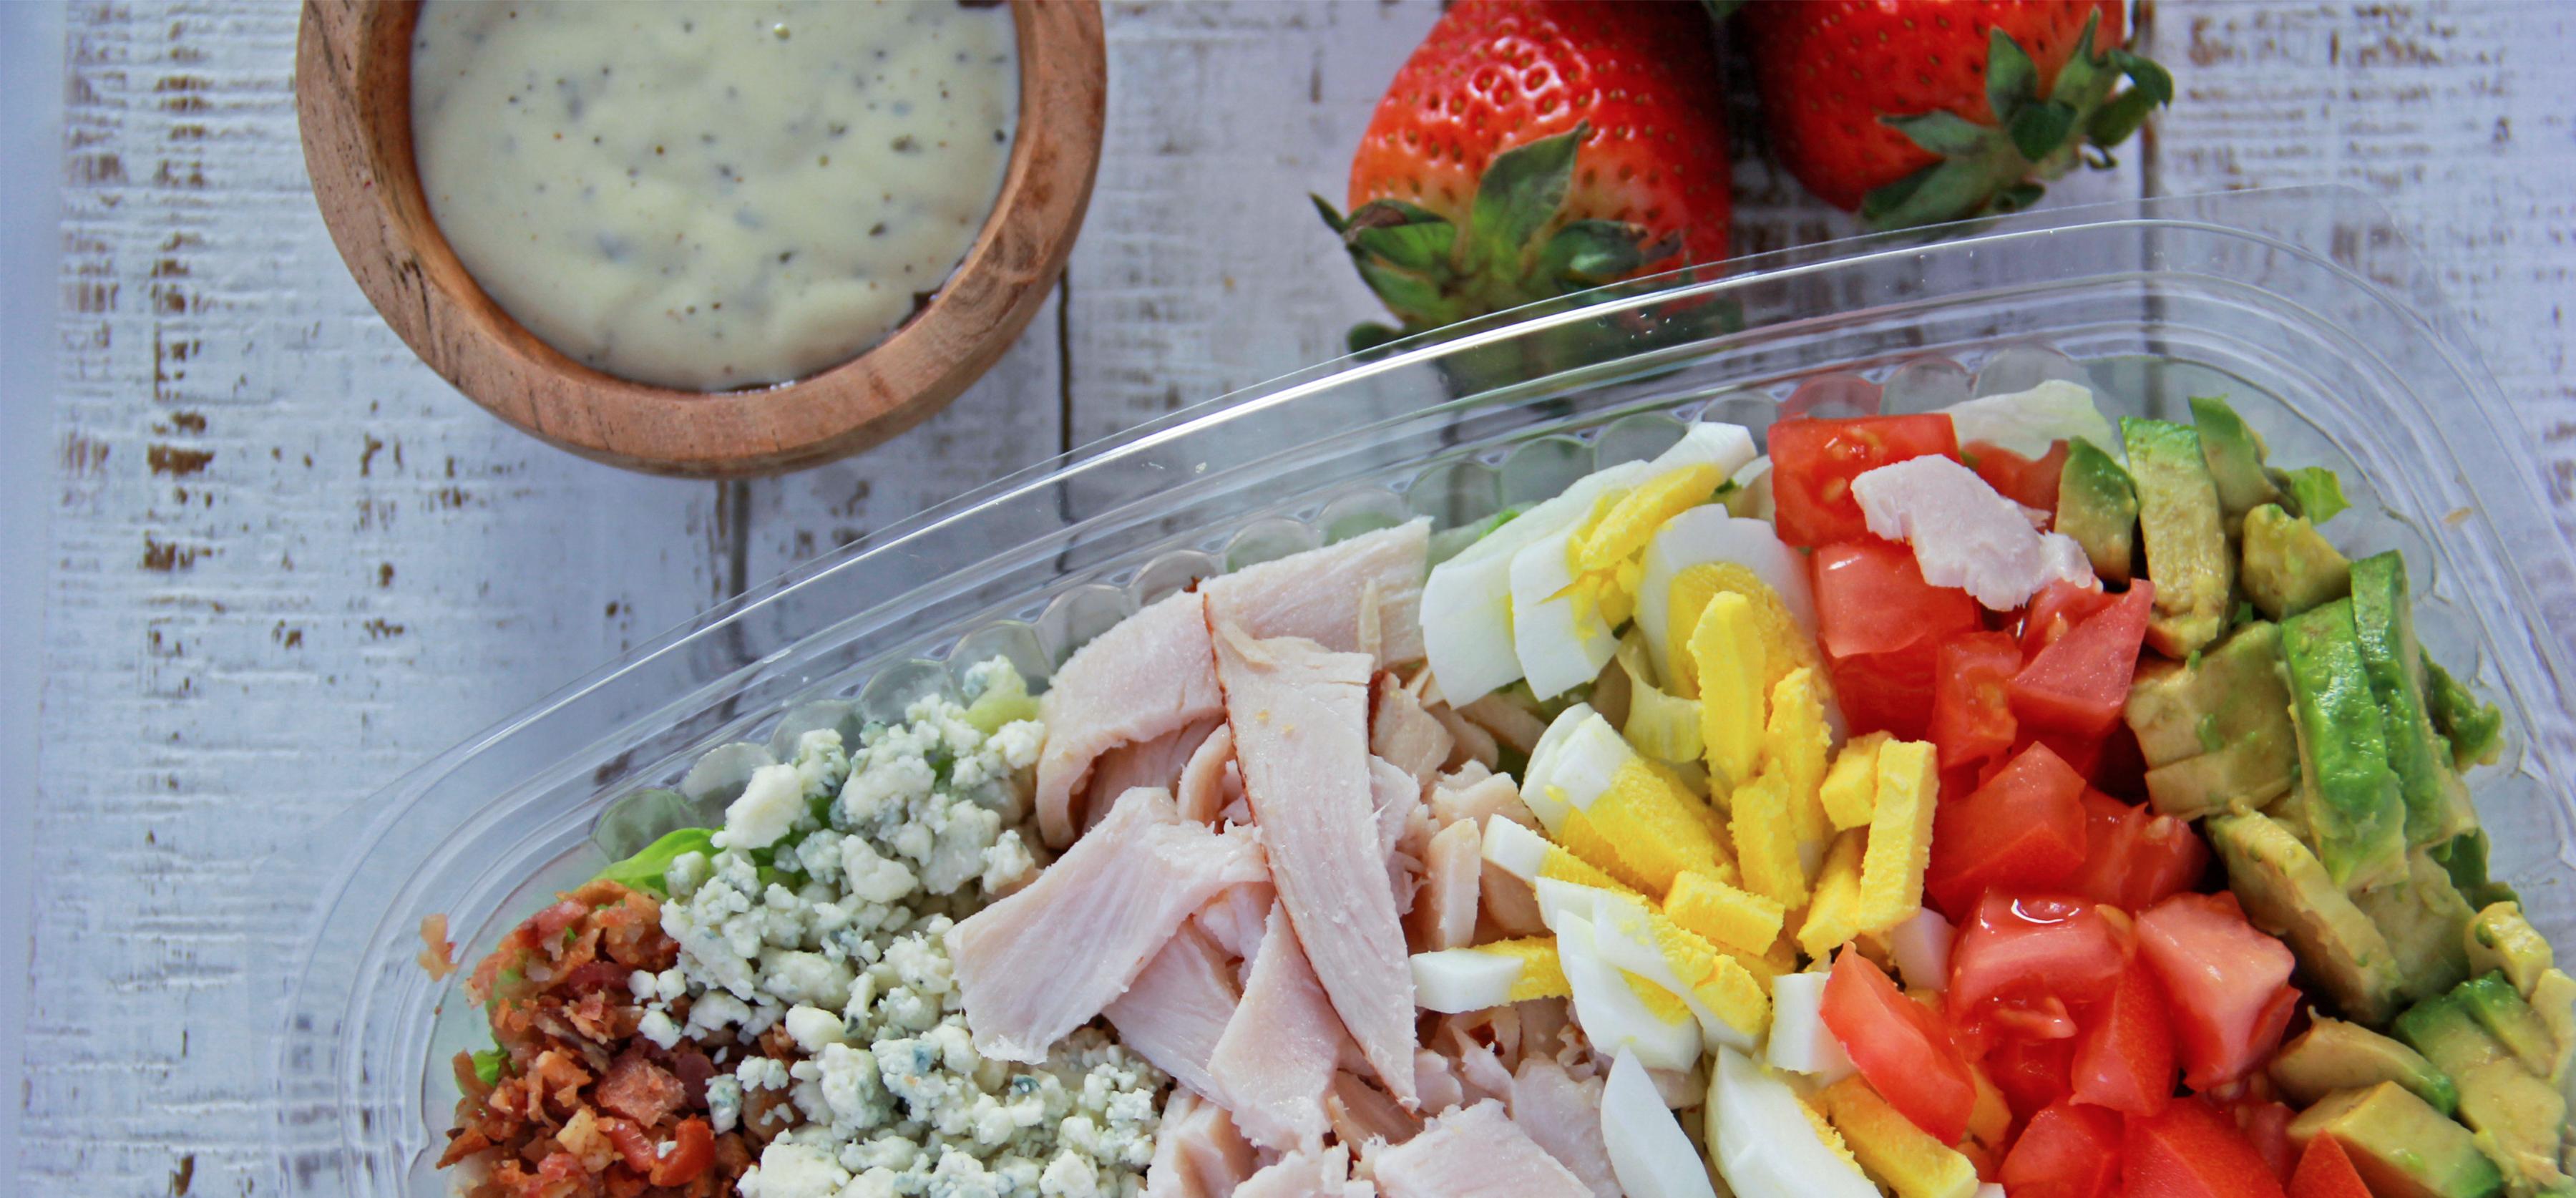 cobb salad_slide deck